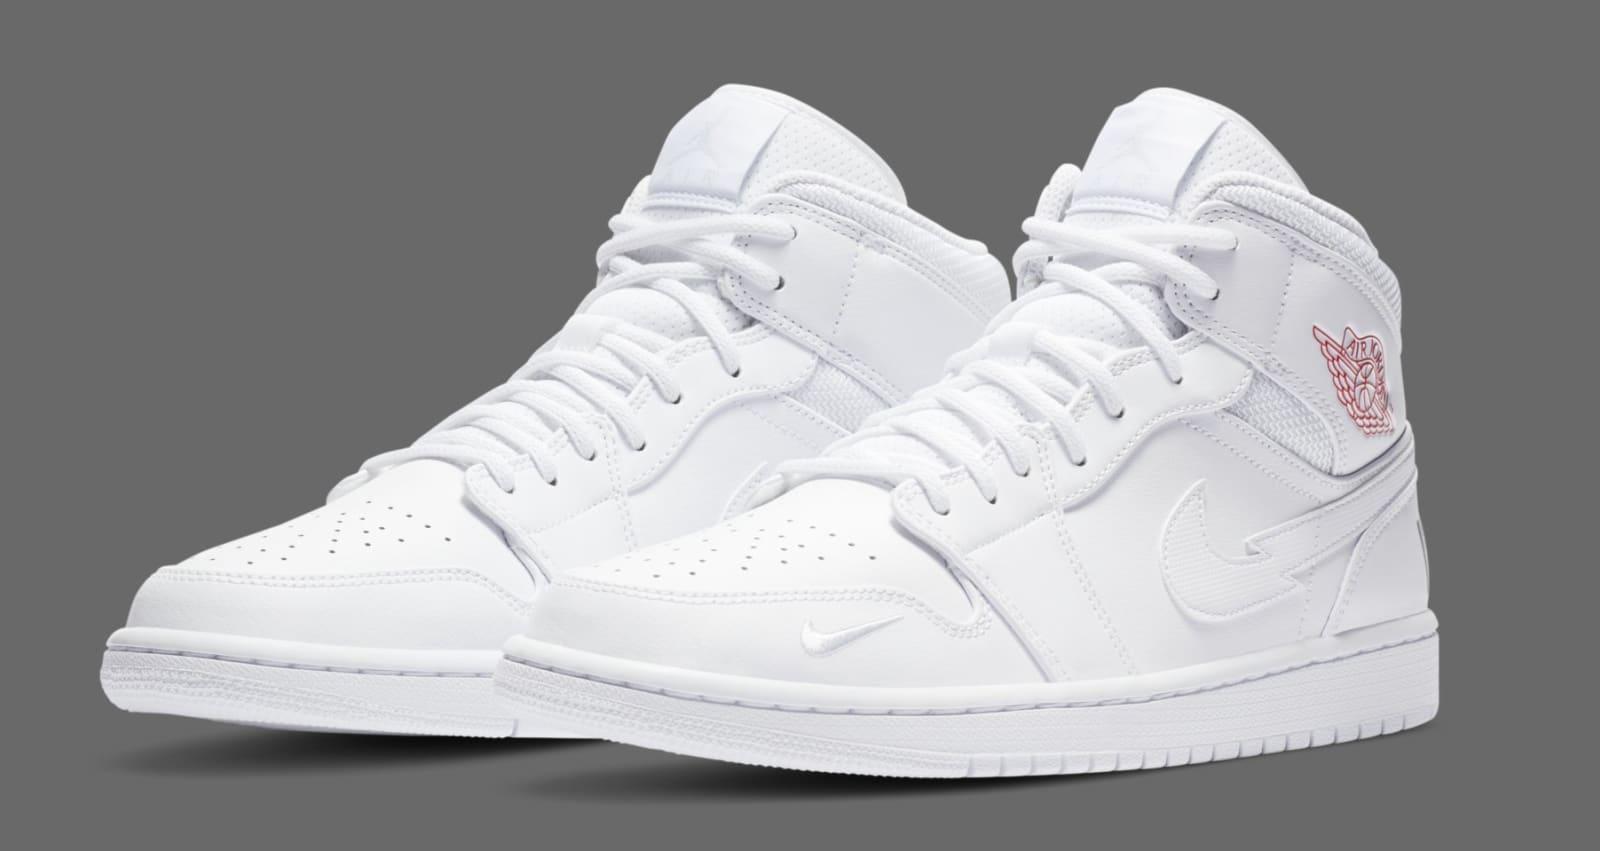 """Air Jordan 1 Mid """"Euro Tour"""" Features New Nike Swoosh: Photos"""